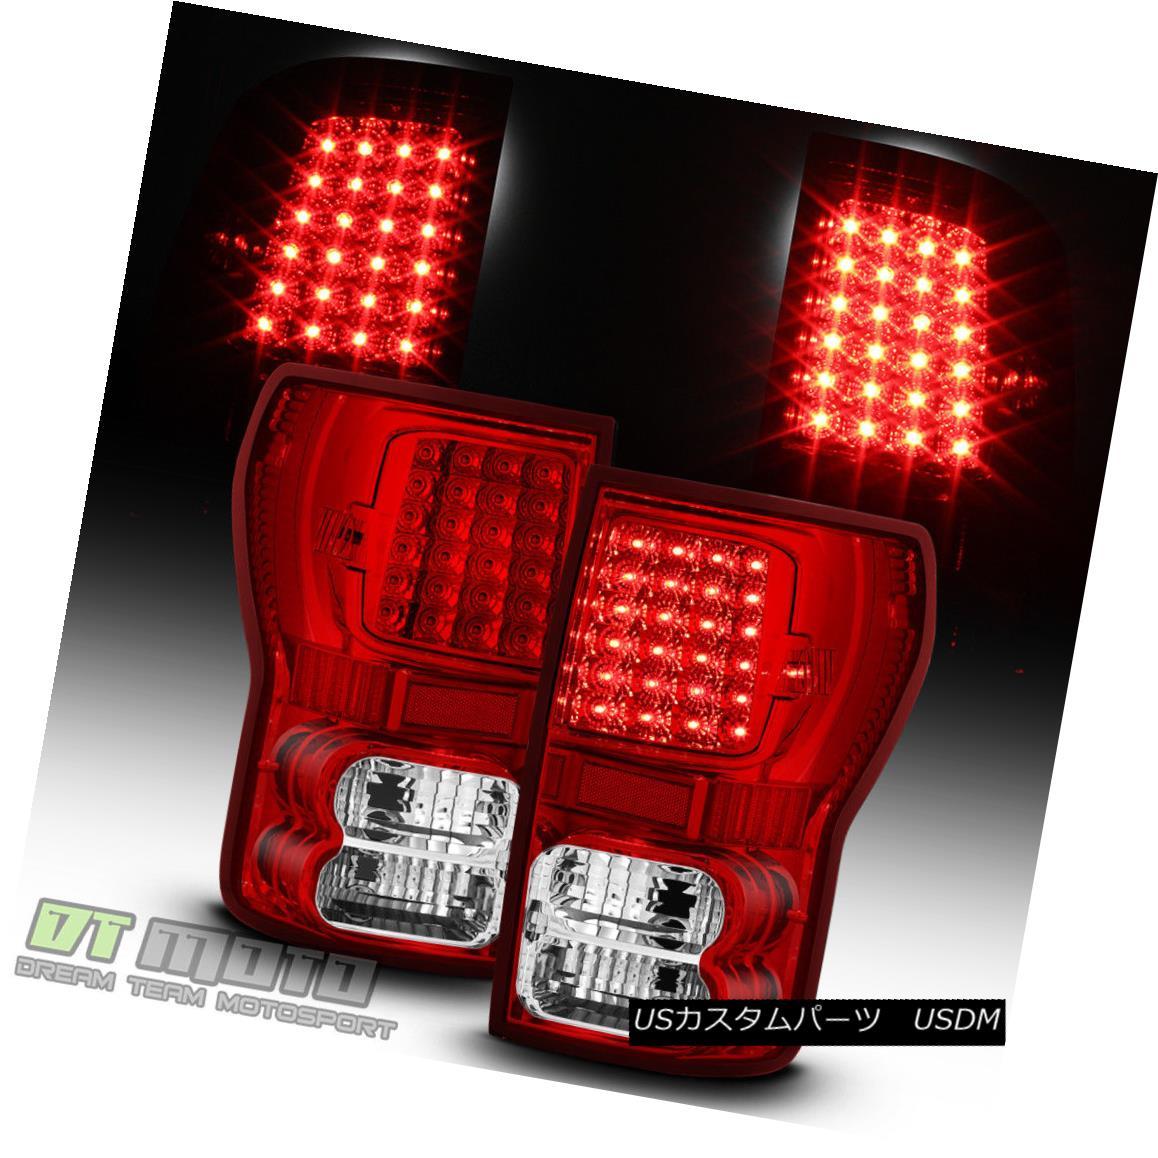 テールライト Truck 2007-2013 Toyota Tundra テールライト Red Toyota Pickup Truck LED Tail Brake Lights Lamps Left+Right 2007-2013 Toyota TundraレッドピックアップトラックLEDテールブレーキライトランプ左+右, 会津坂下町:8c8d510e --- officewill.xsrv.jp